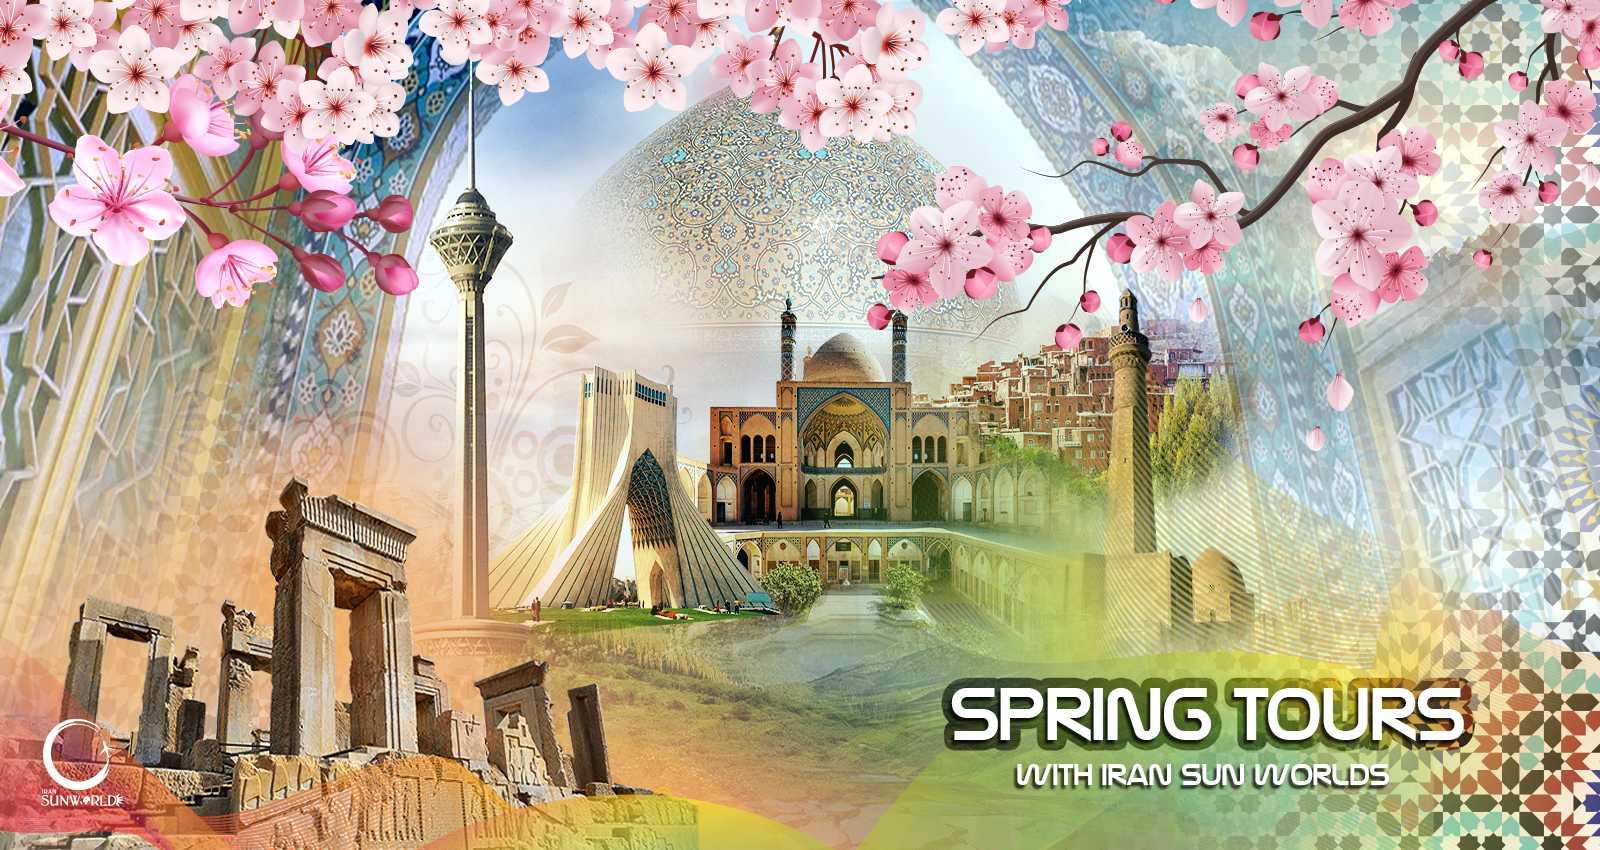 travel to Iran - Iran Spring Tours